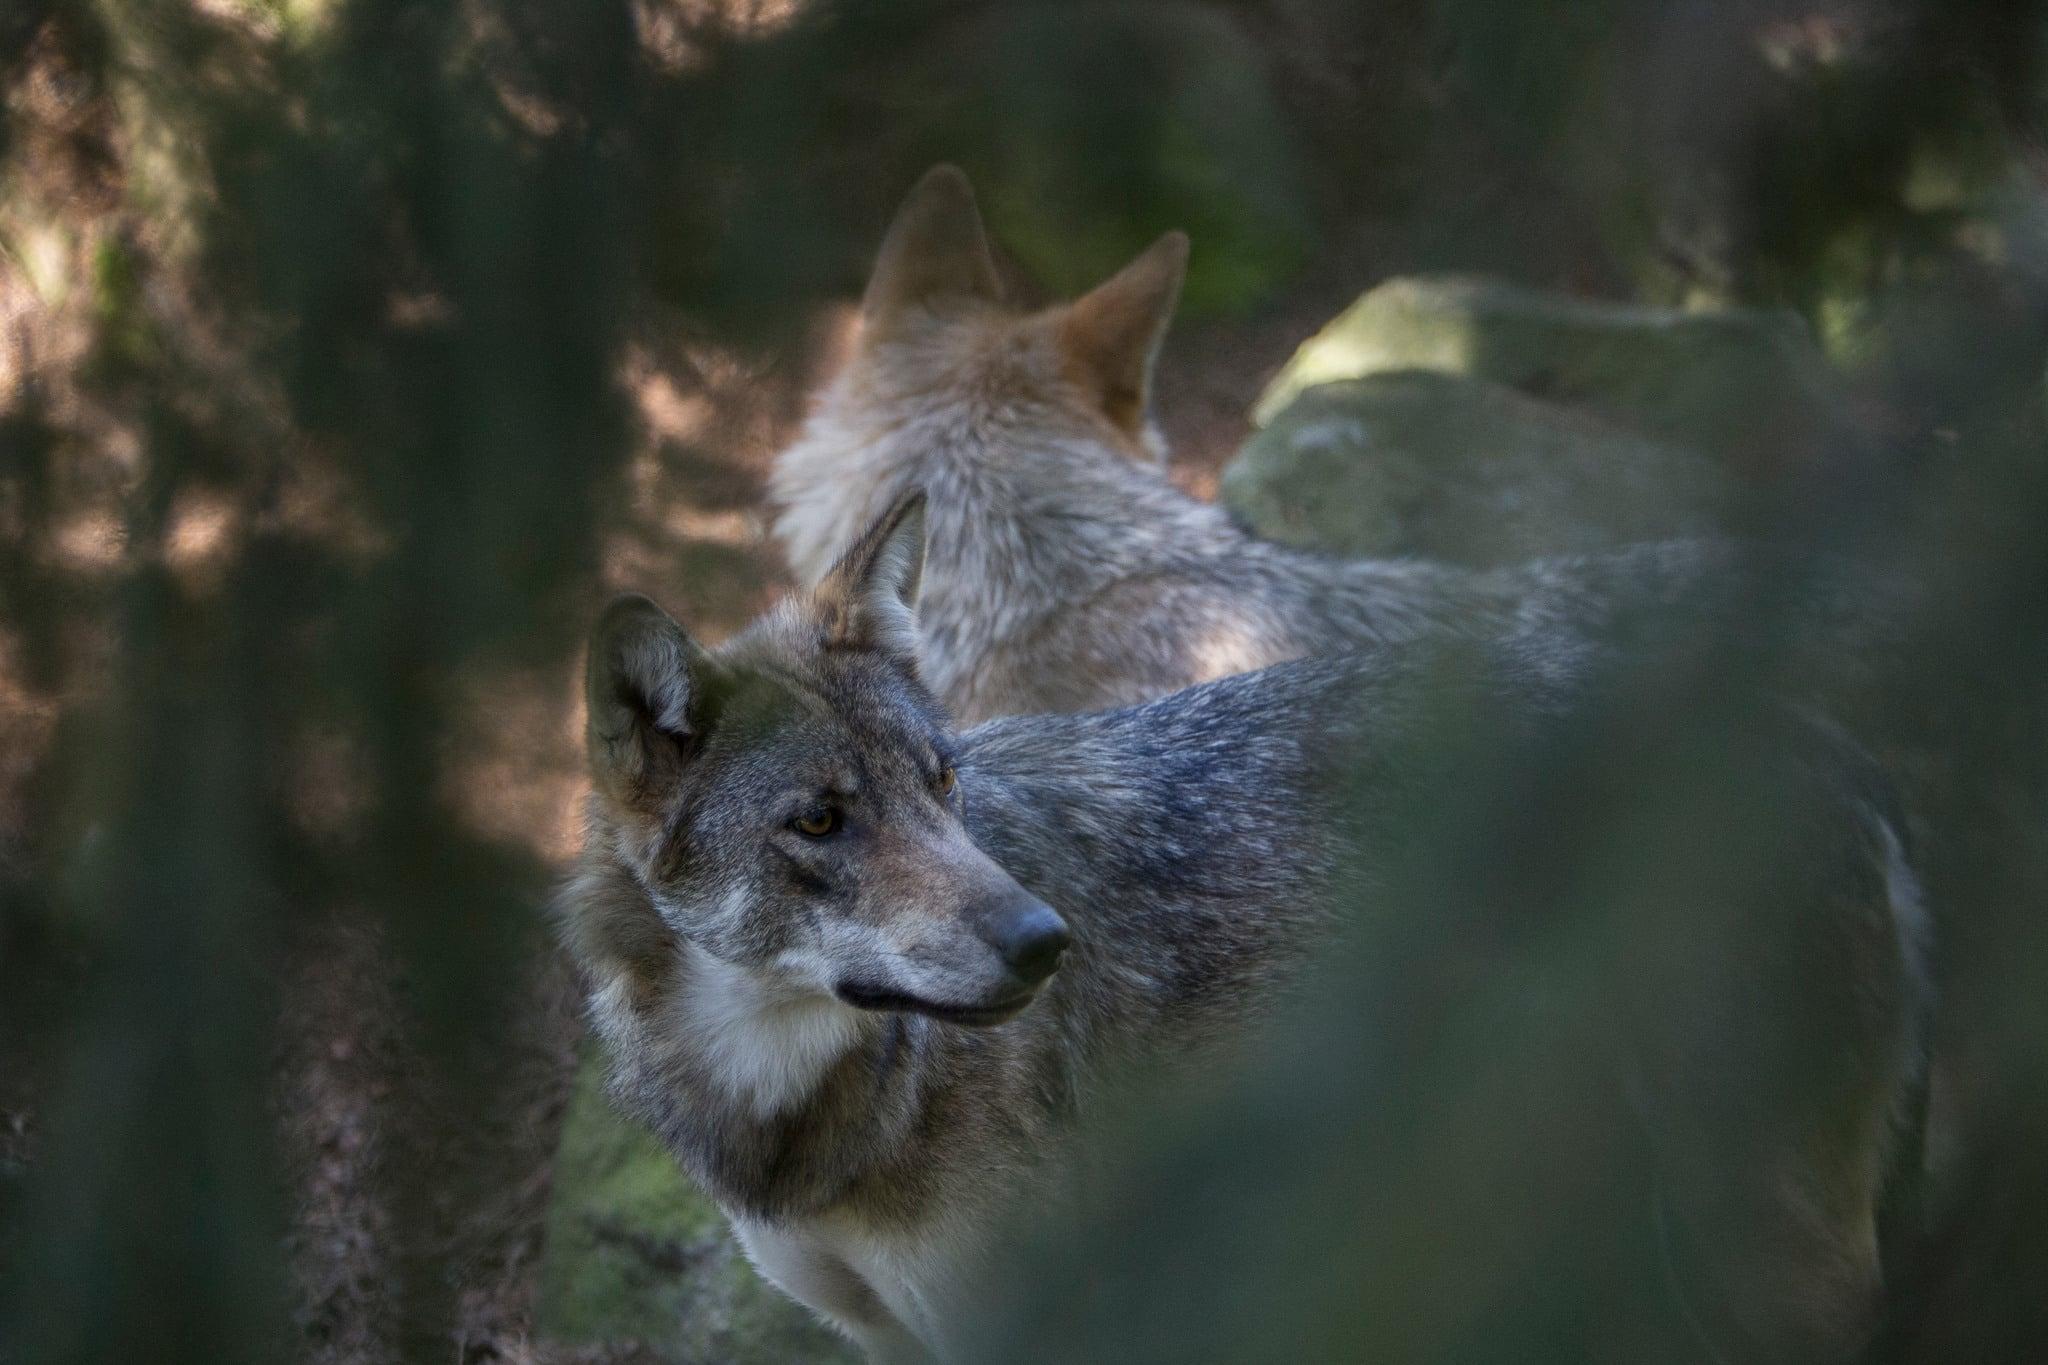 Vargstammen ska alltid får fortsätta växa om Naturvårdsverkets vägledning ska gälla. Foto i hägn: Olle Olsson